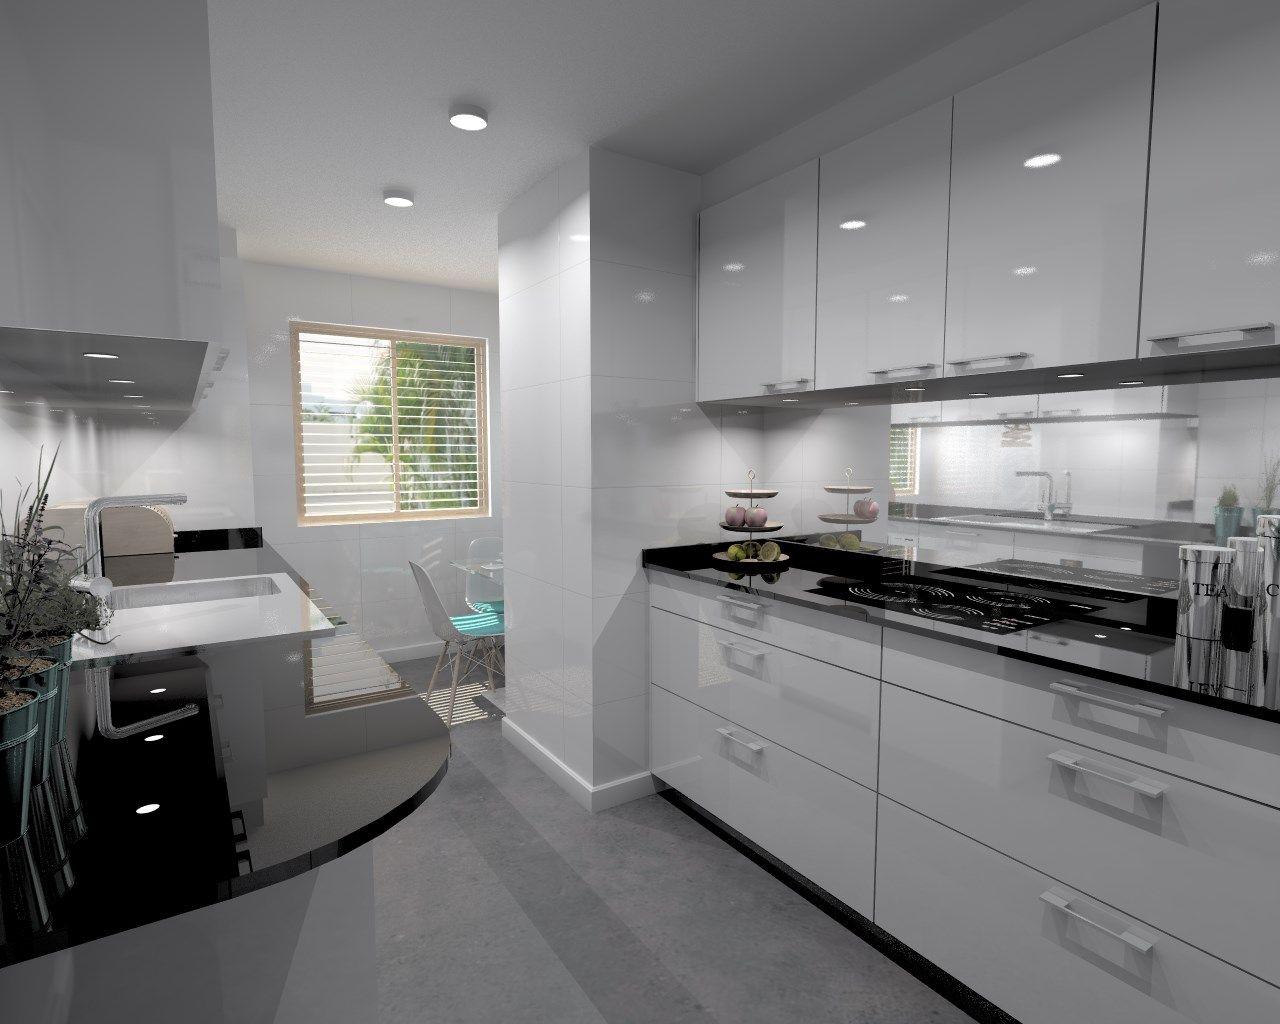 Cocina santos modelo plano laminado blanco brillo con for Planos de cocinas